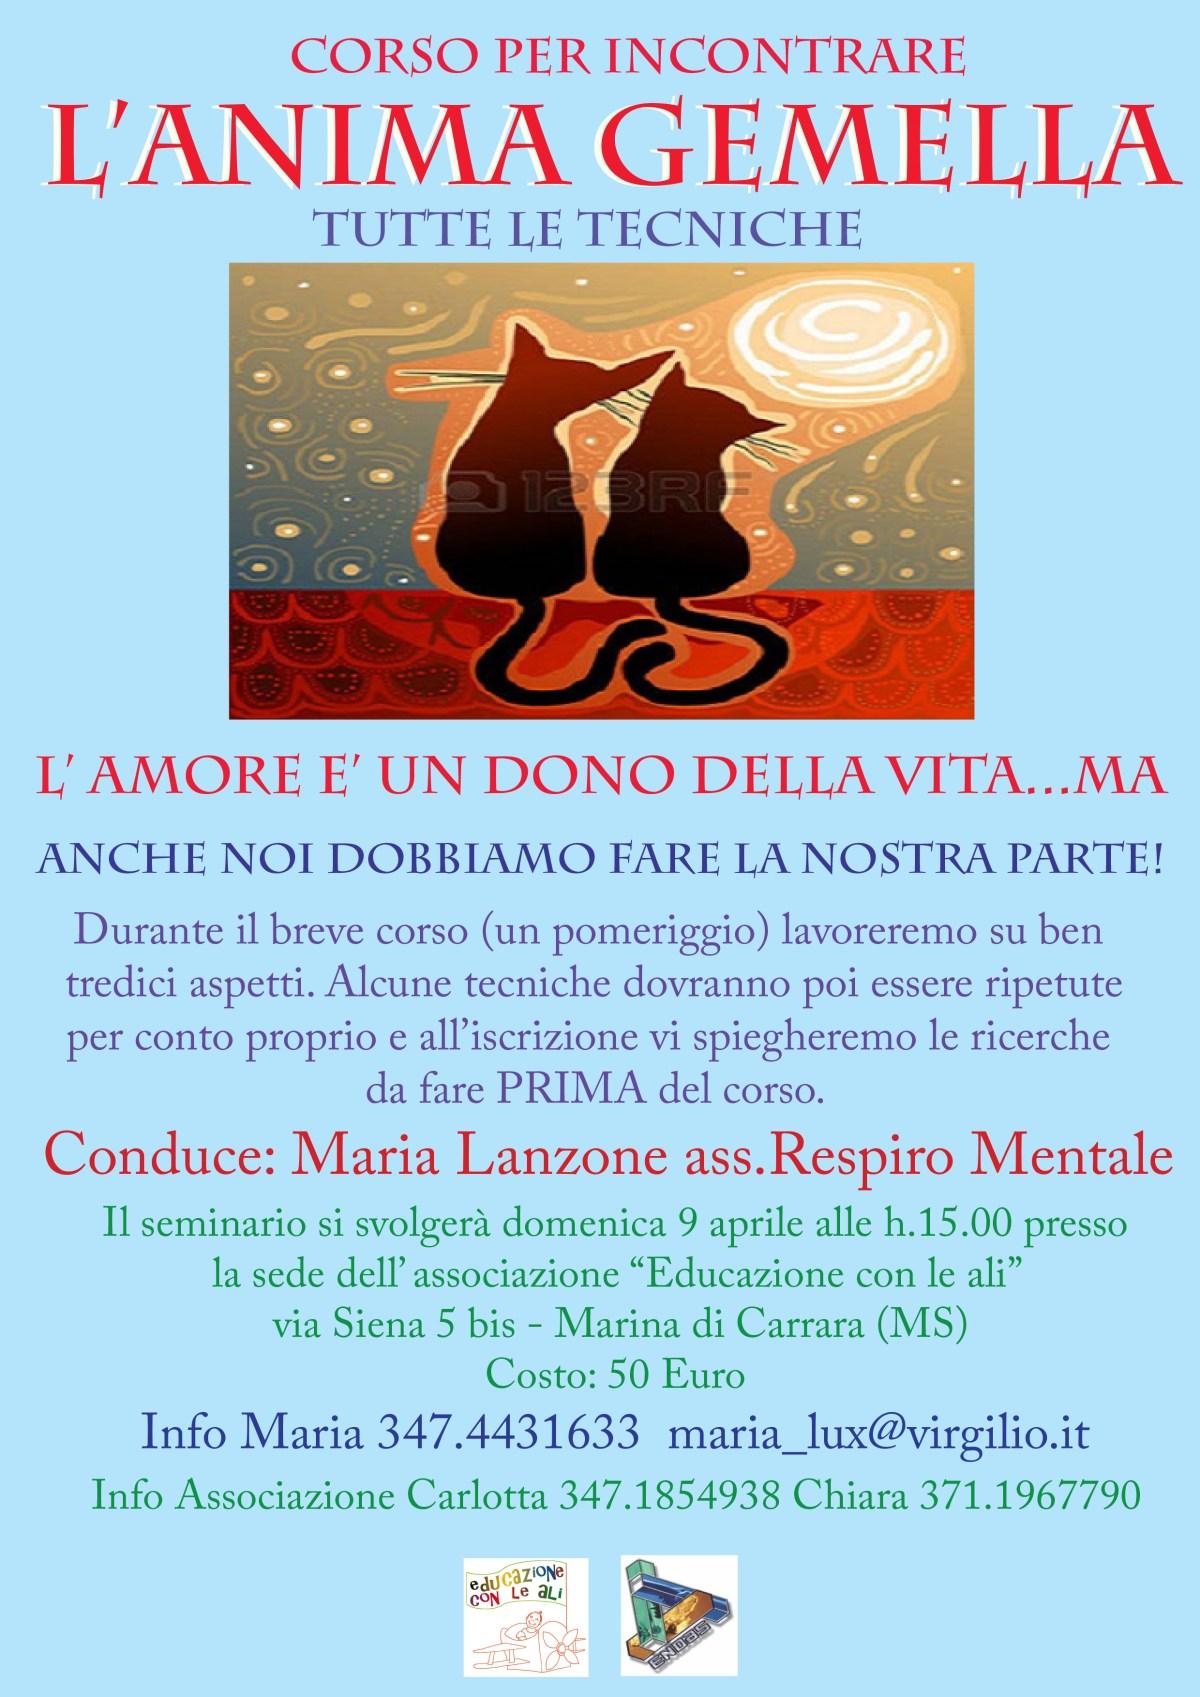 9 Aprile: come incontrare l'Anima Gemella a Marina di Carrara